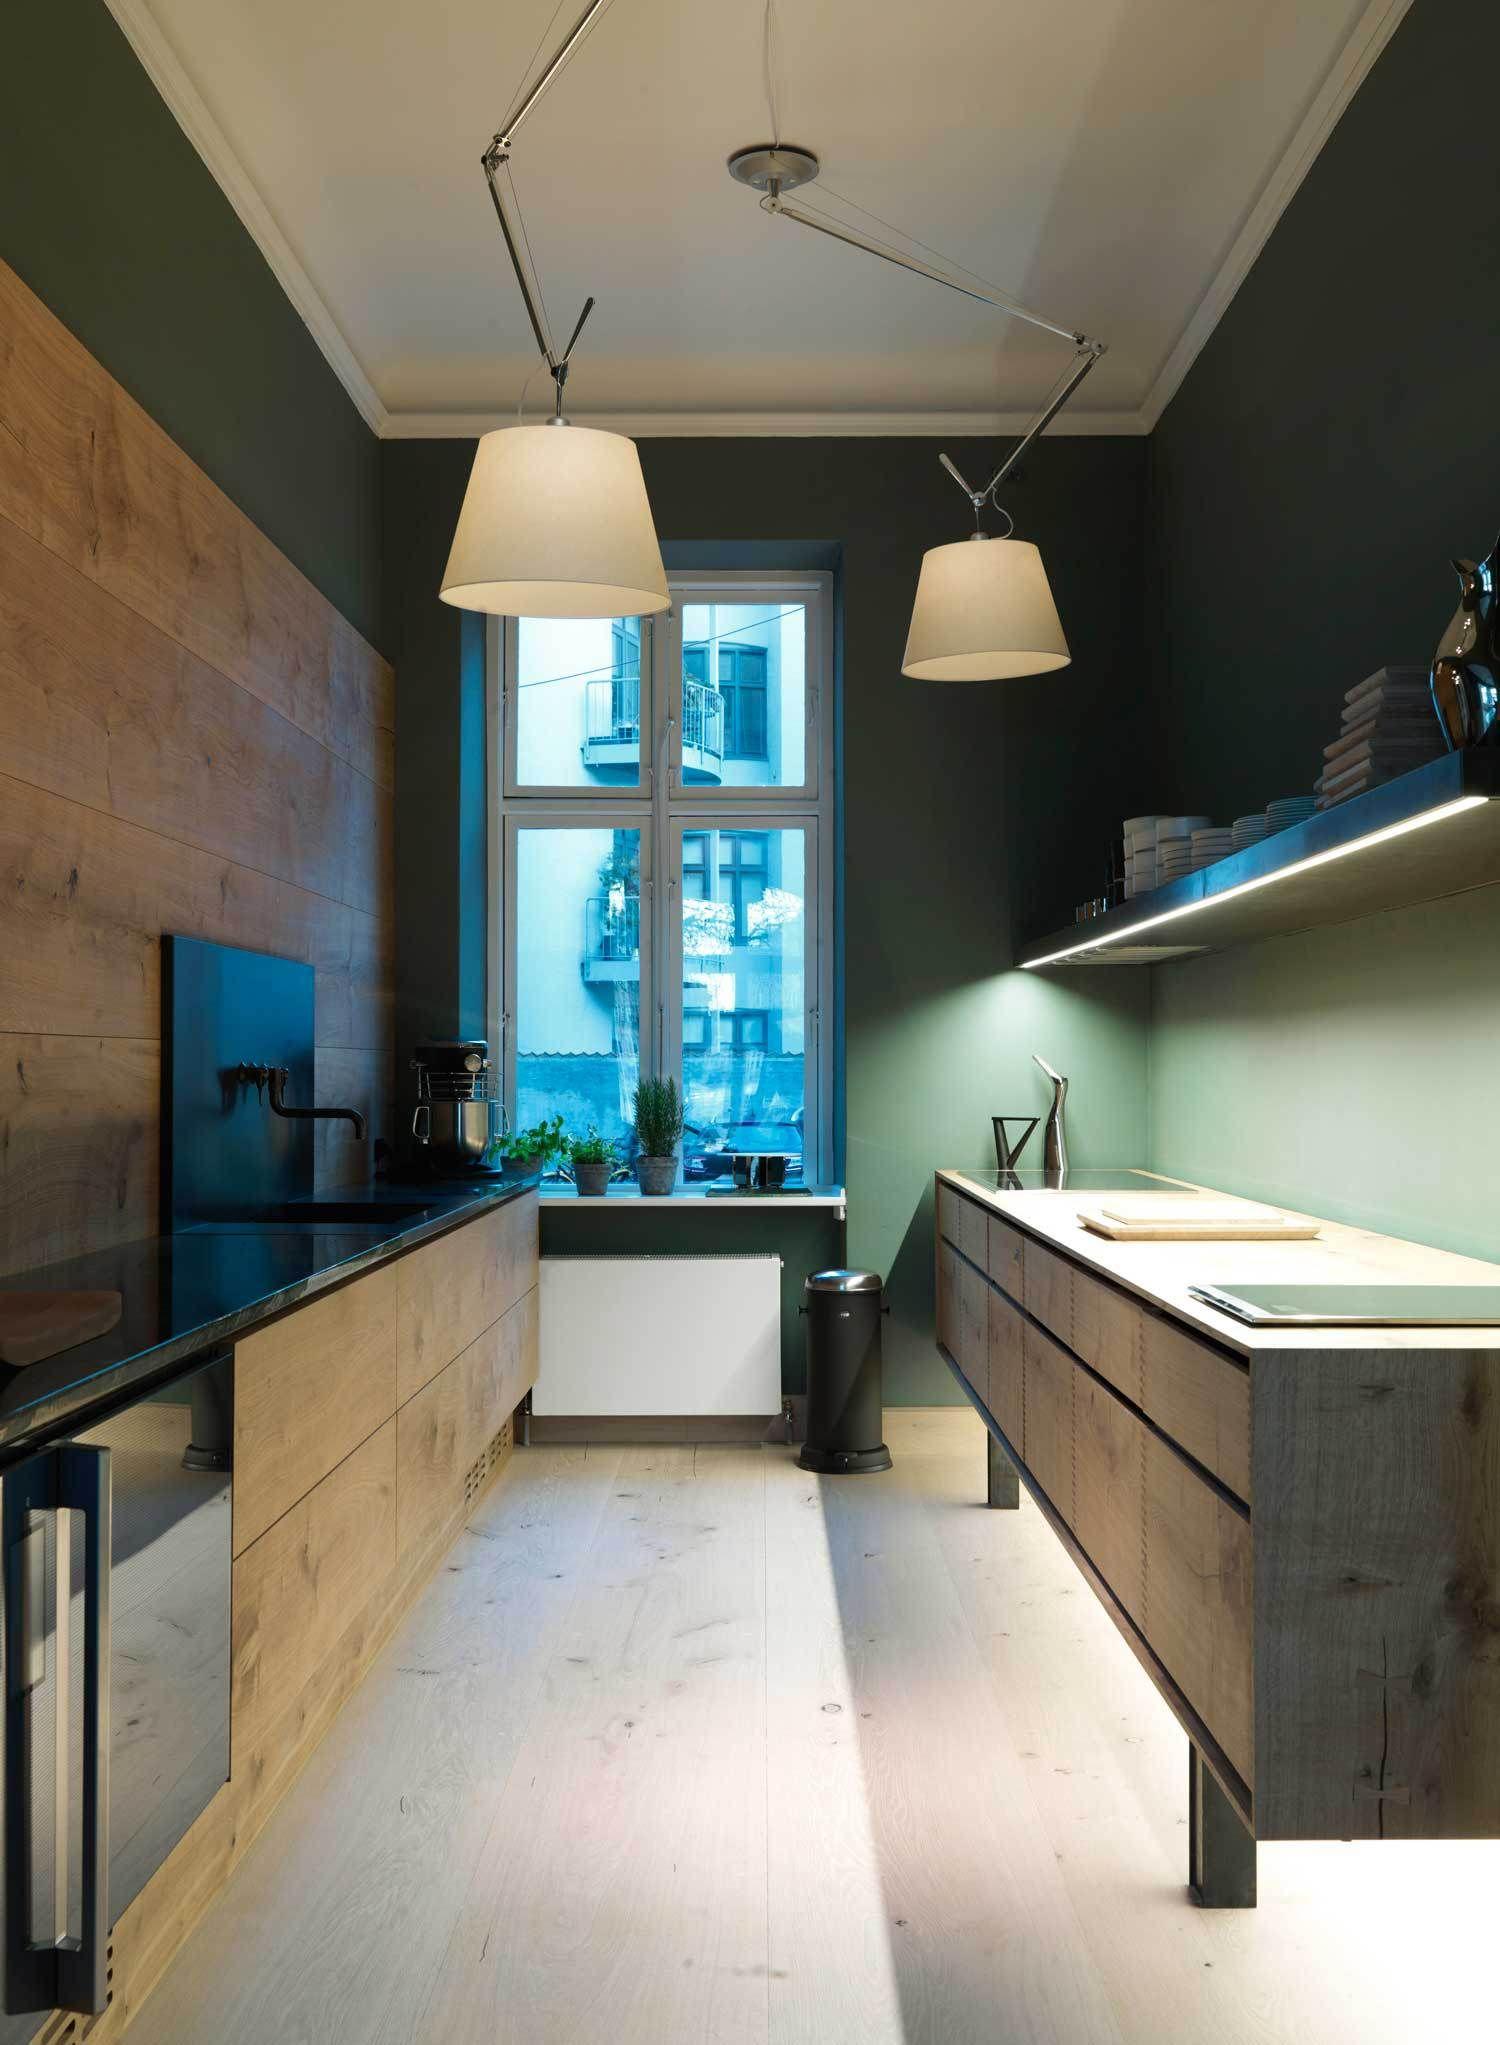 Dinesen Showroom Copenhagen by OeO | Copenhagen, Showroom and Kitchens